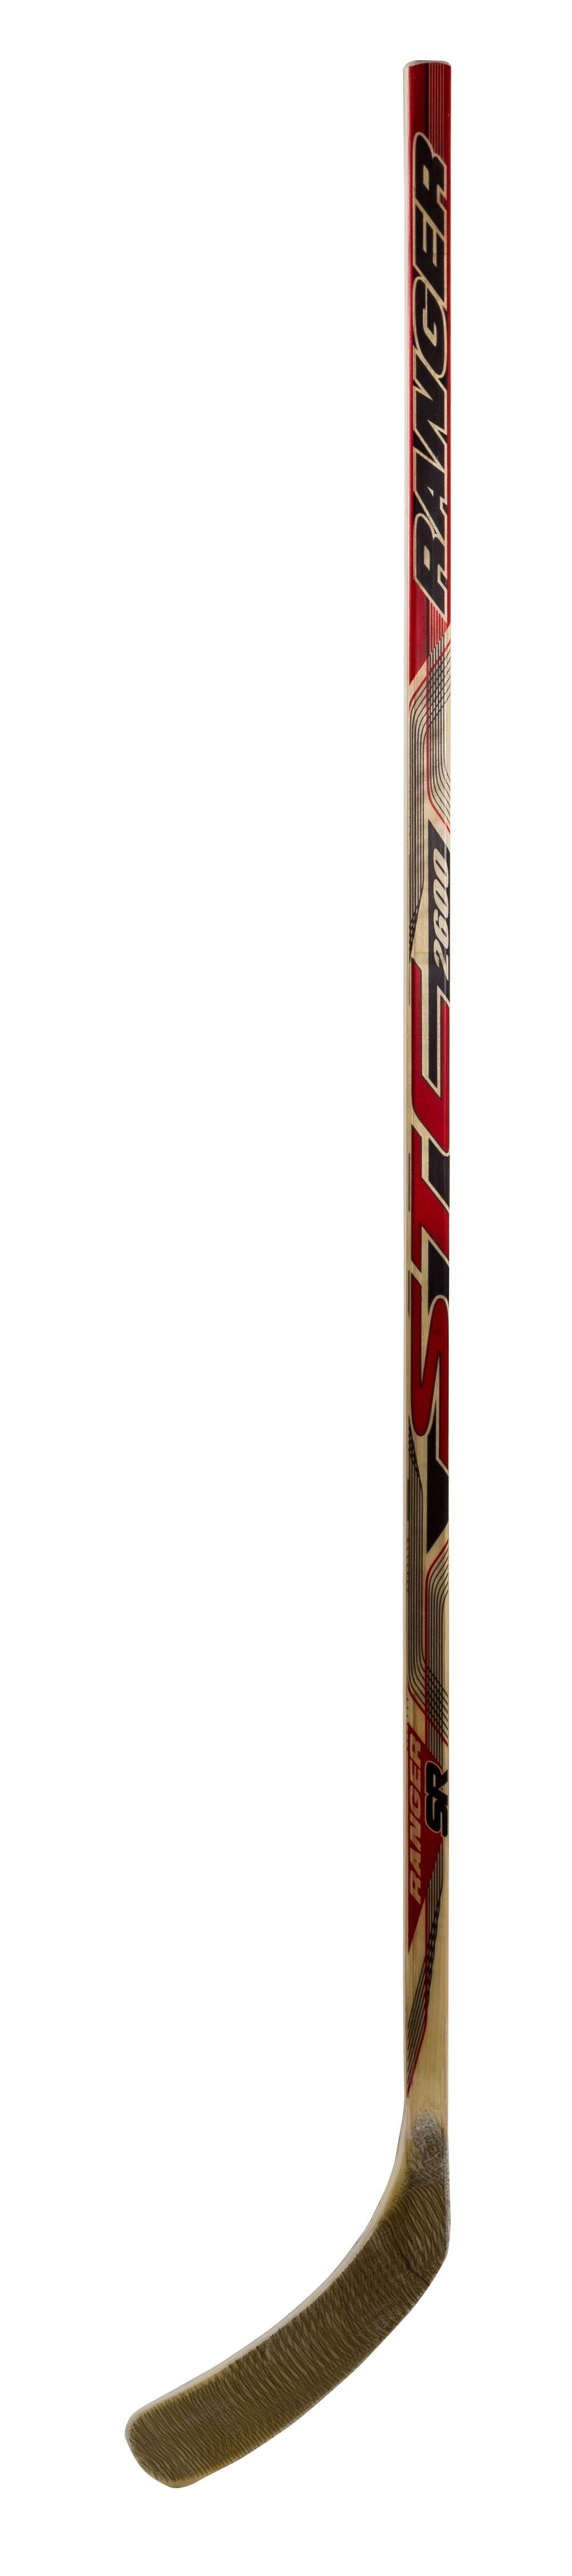 Клюшка хоккейная, STC 2600, левая